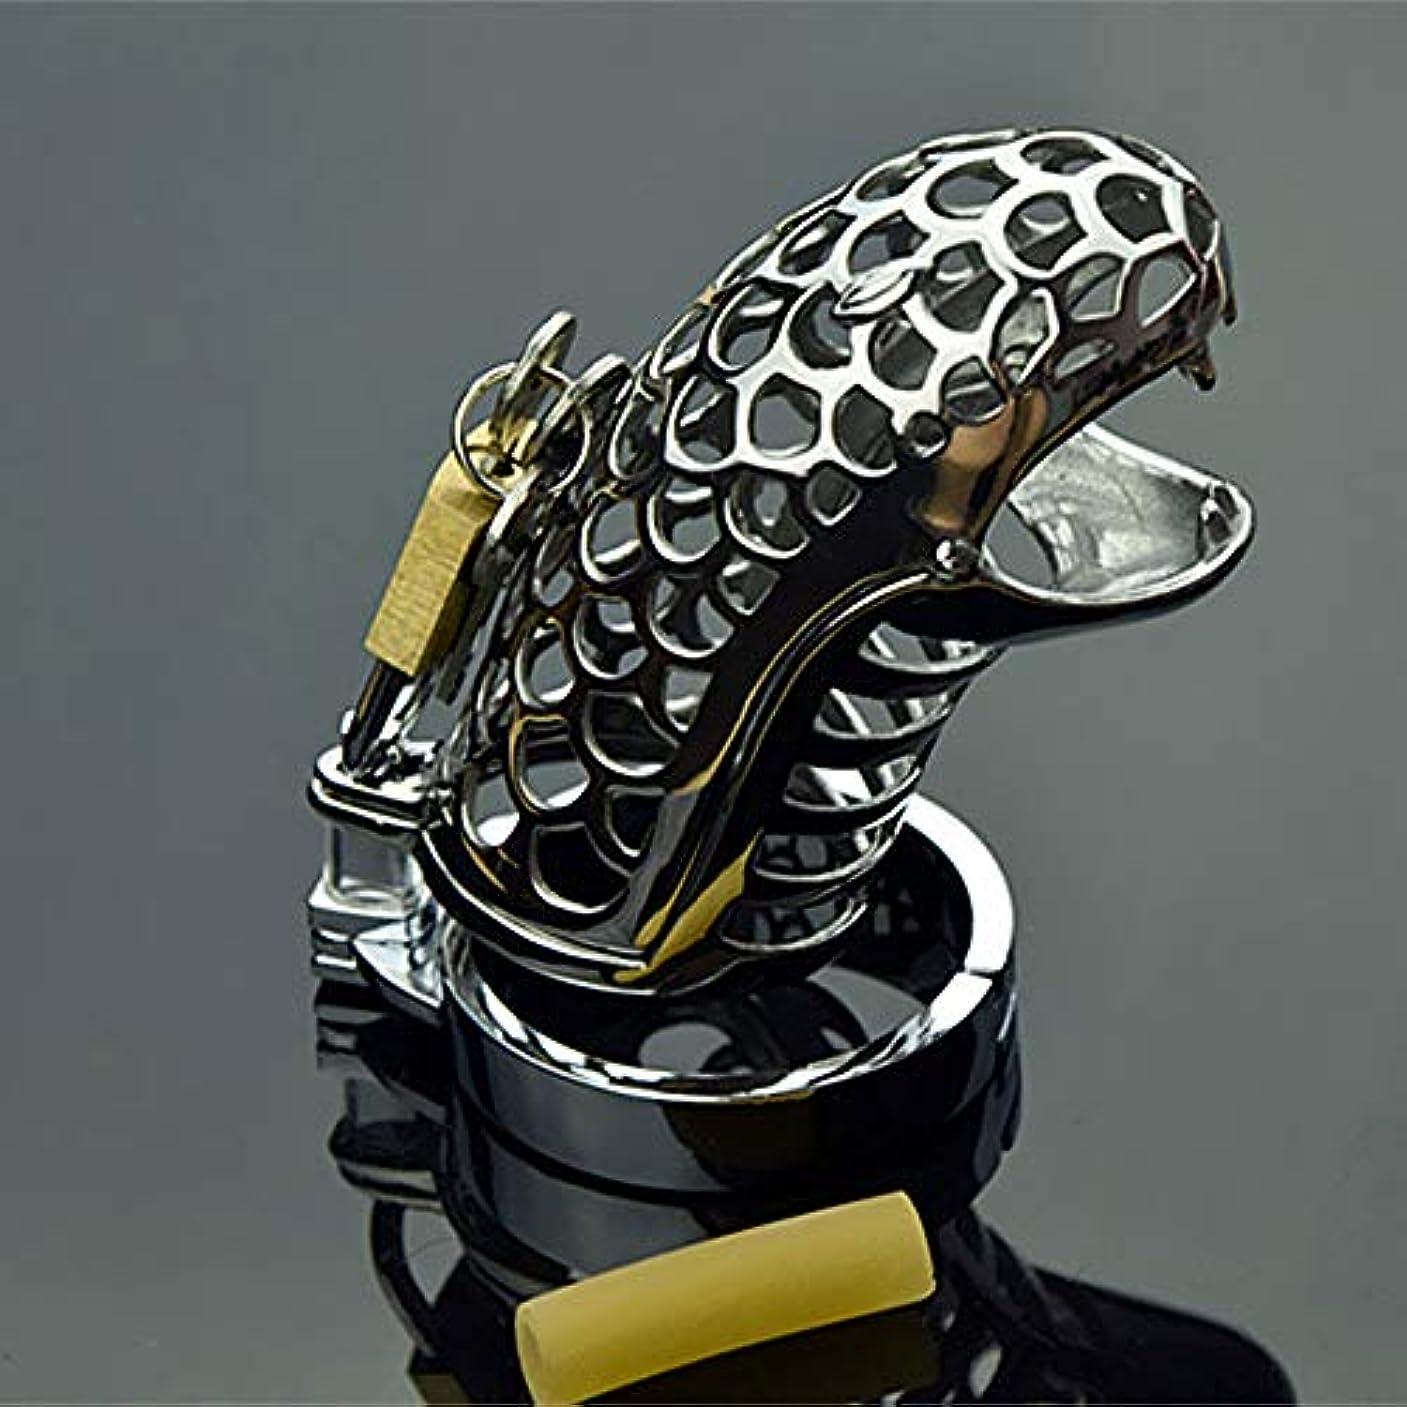 ガチョウタイムリーな帝国任意のサイズのマッサージャーの男性に適したステンレス鋼、人間工学に基づいたデザイン